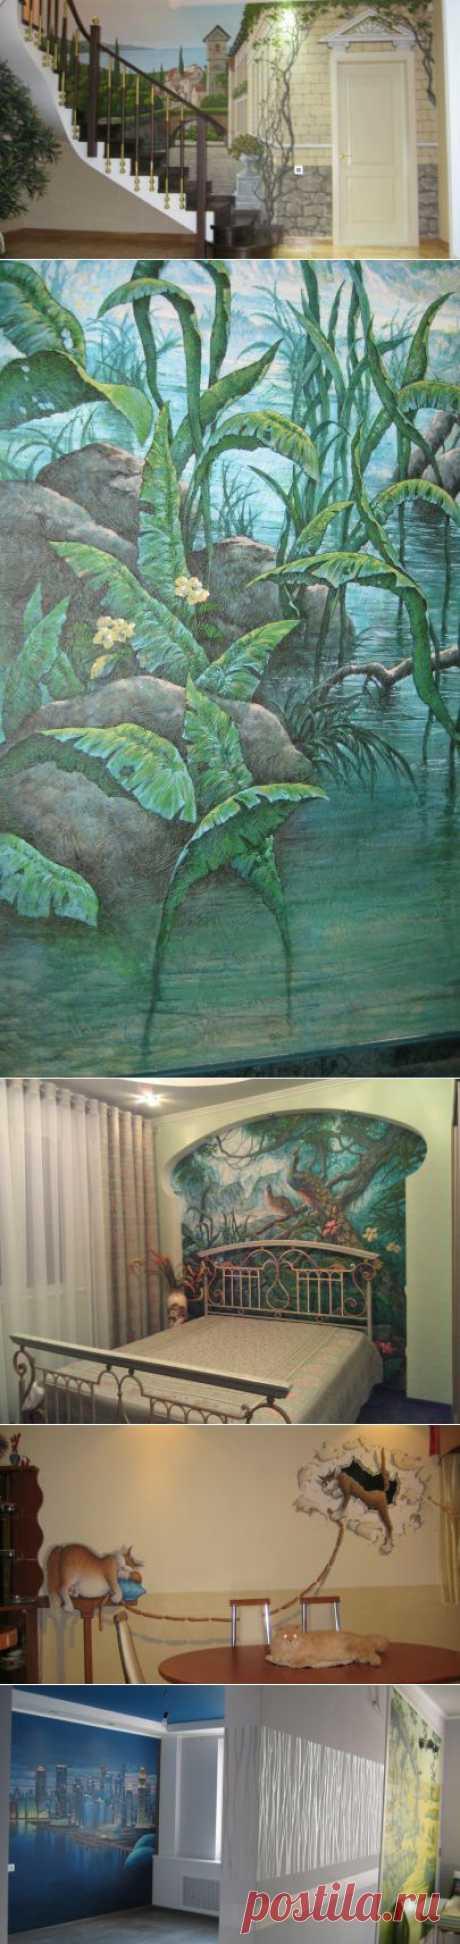 (+1) тема - Интерьерные росписи художника-дизайнера Владимира Кузнецова | Школа Ремонта